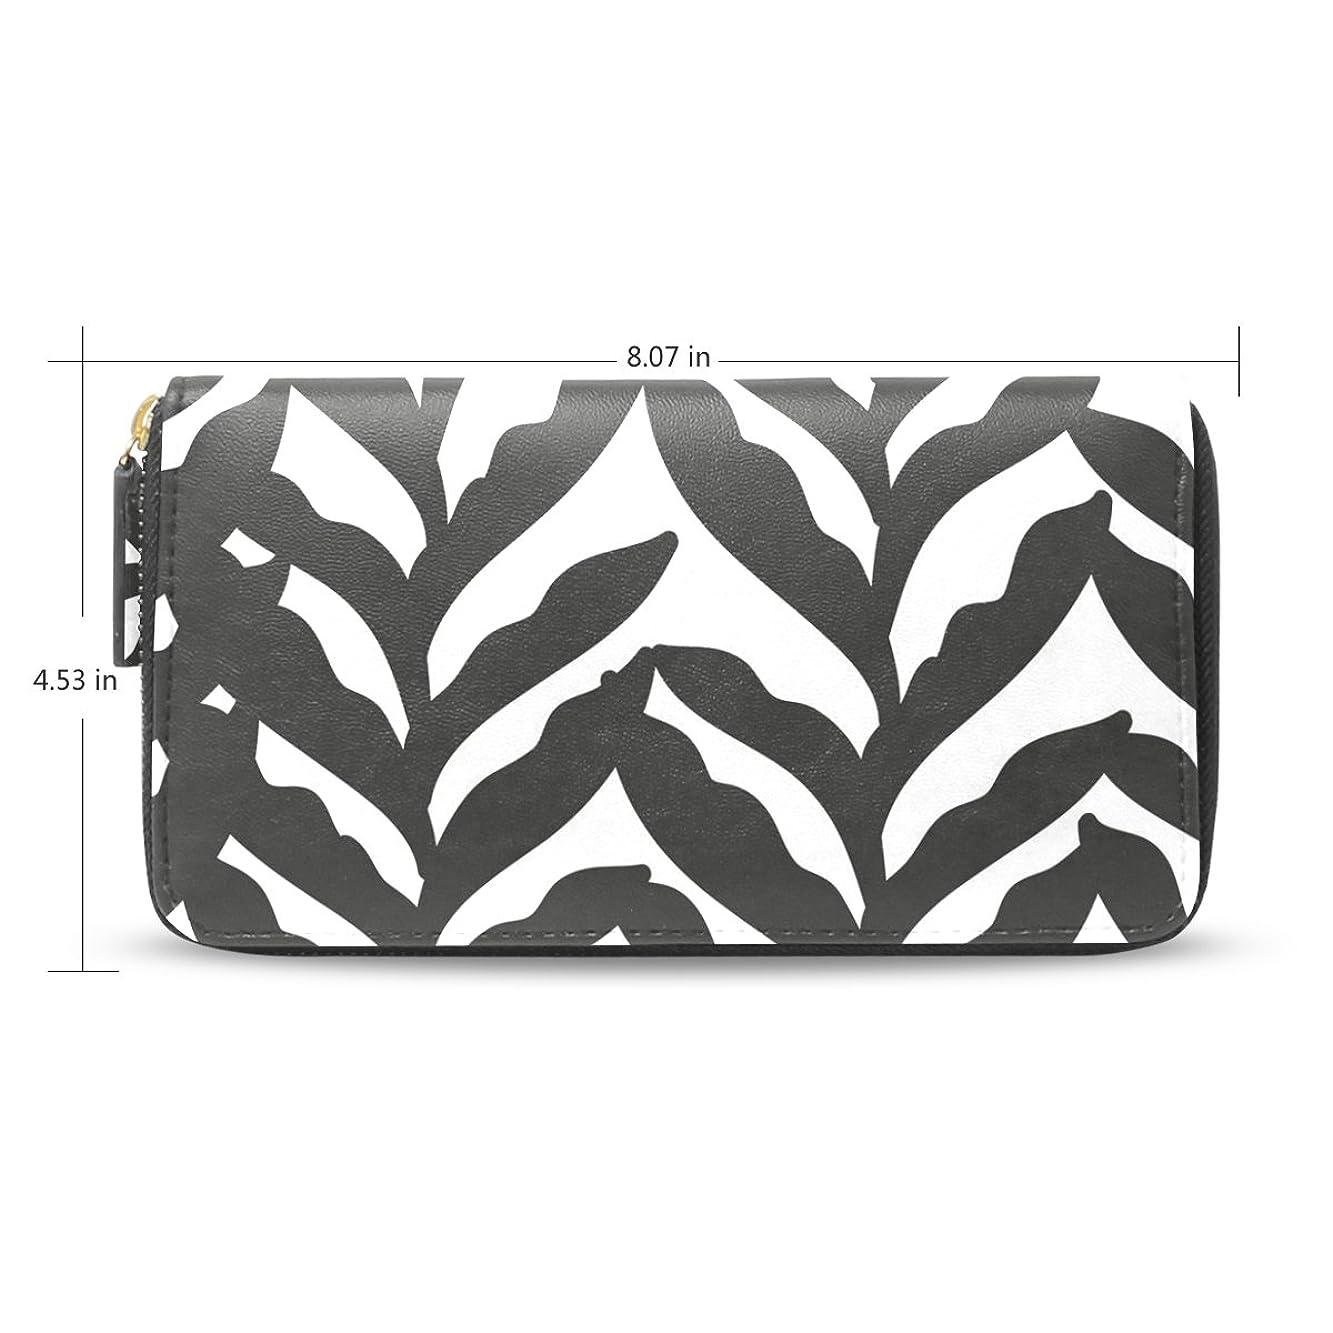 技術的なはい分割USAKI(ユサキ) レディース メンズ ファスナー 財布,かわいい 白黒 葉,お札 小銭 カード入れ 大容量 長財布 入学式 卒業式 誕生日 プレゼント